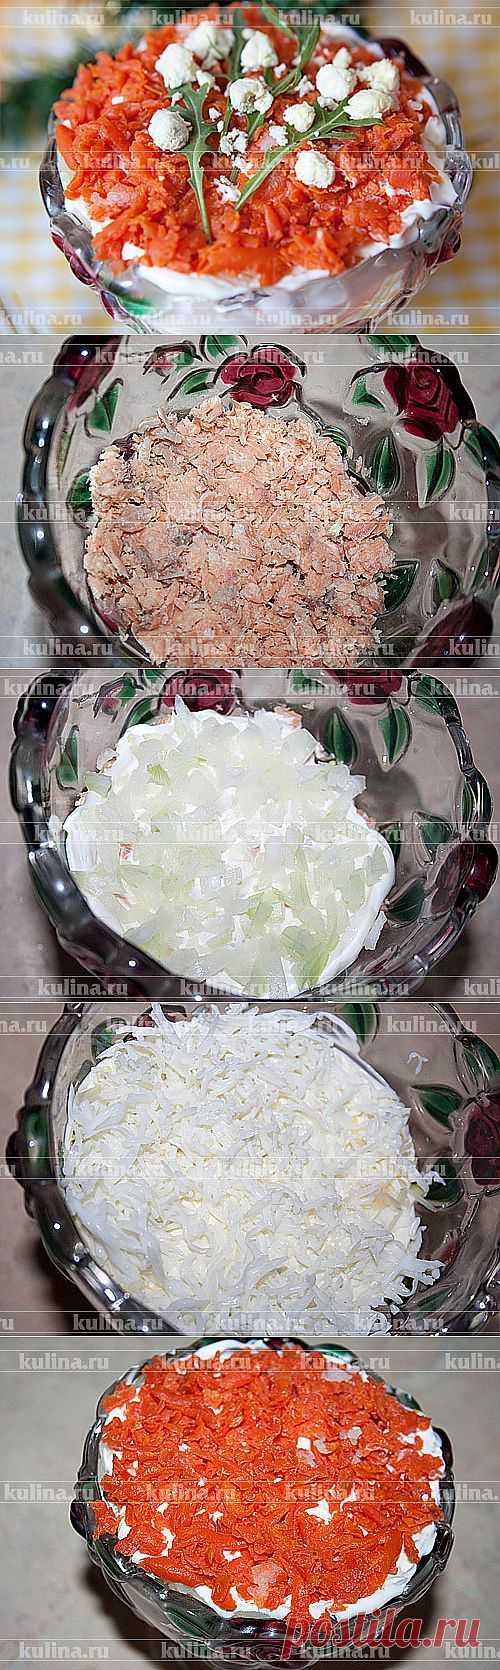 Салат «Мимоза» – рецепт приготовления с фото от Kulina.Ru